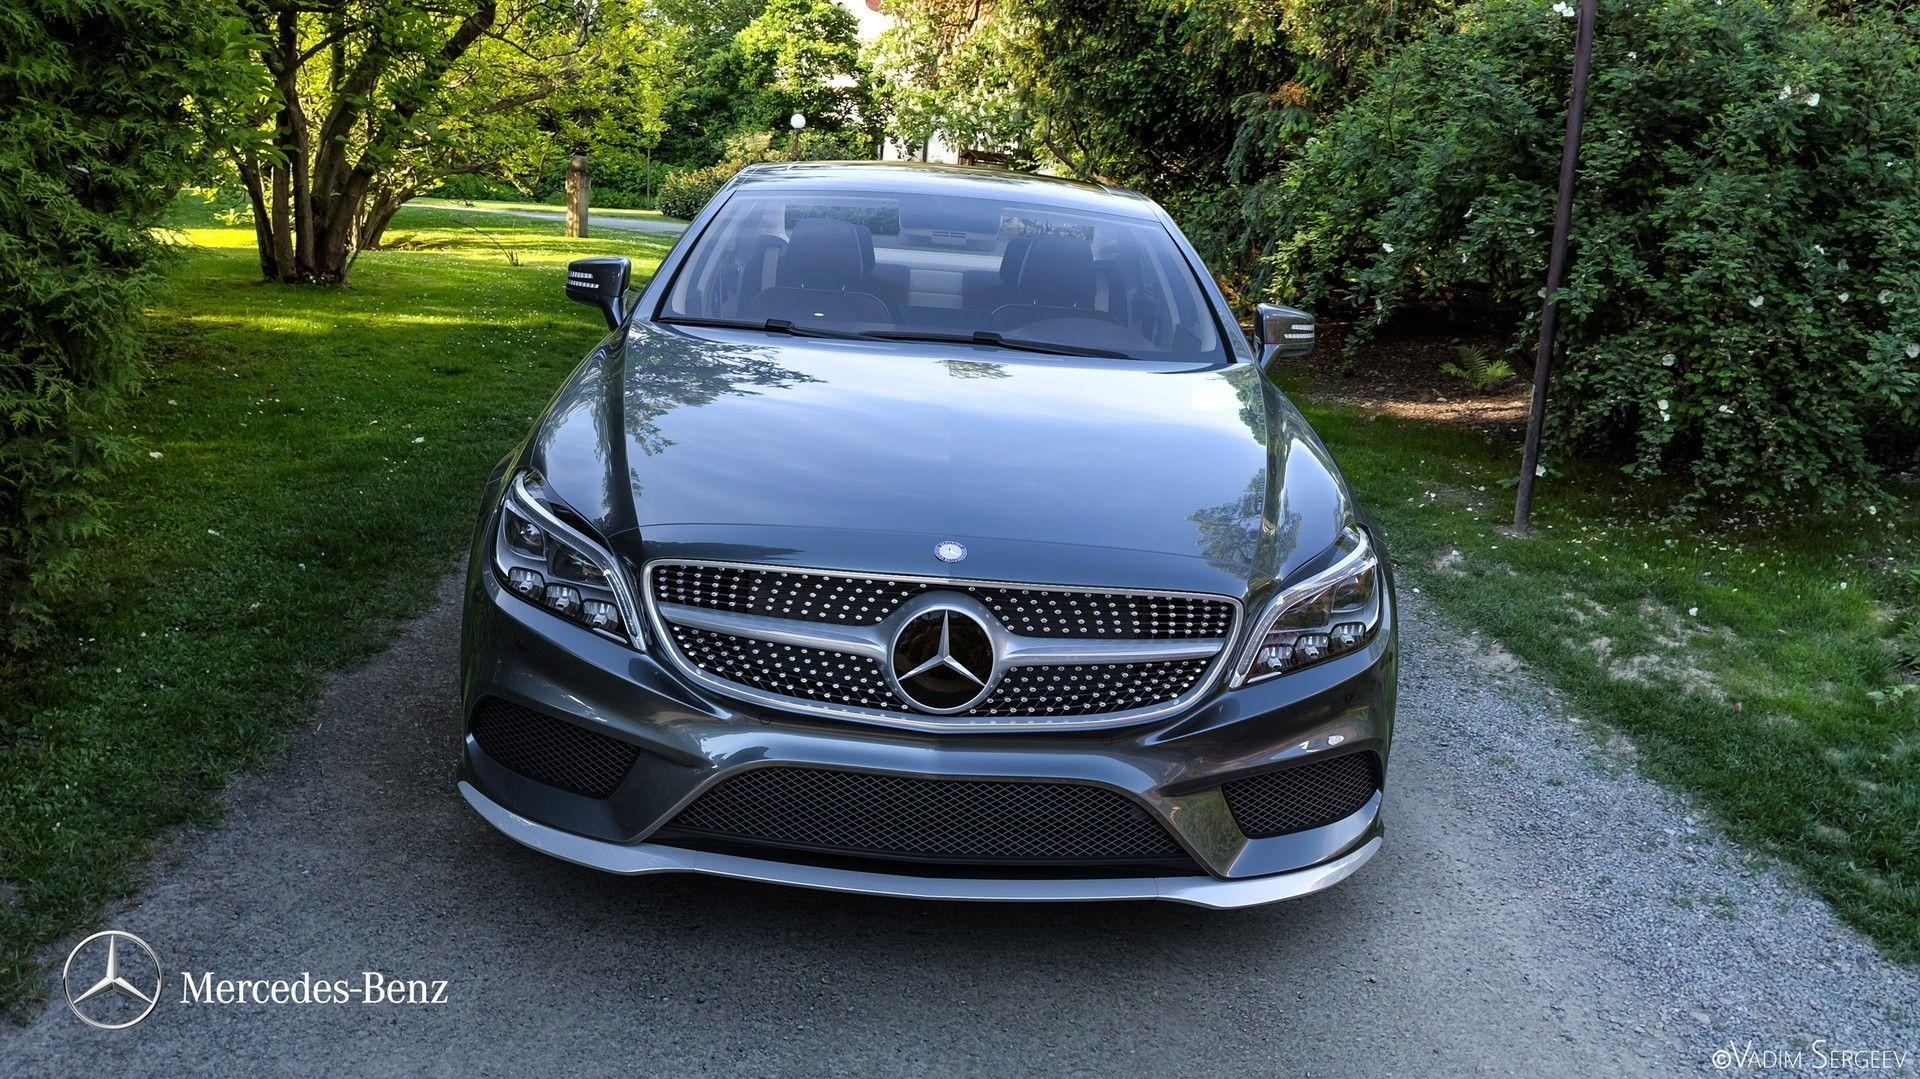 Mercedes Benz Cls 500 2015 Vadim Sergeev On Artstation At Https